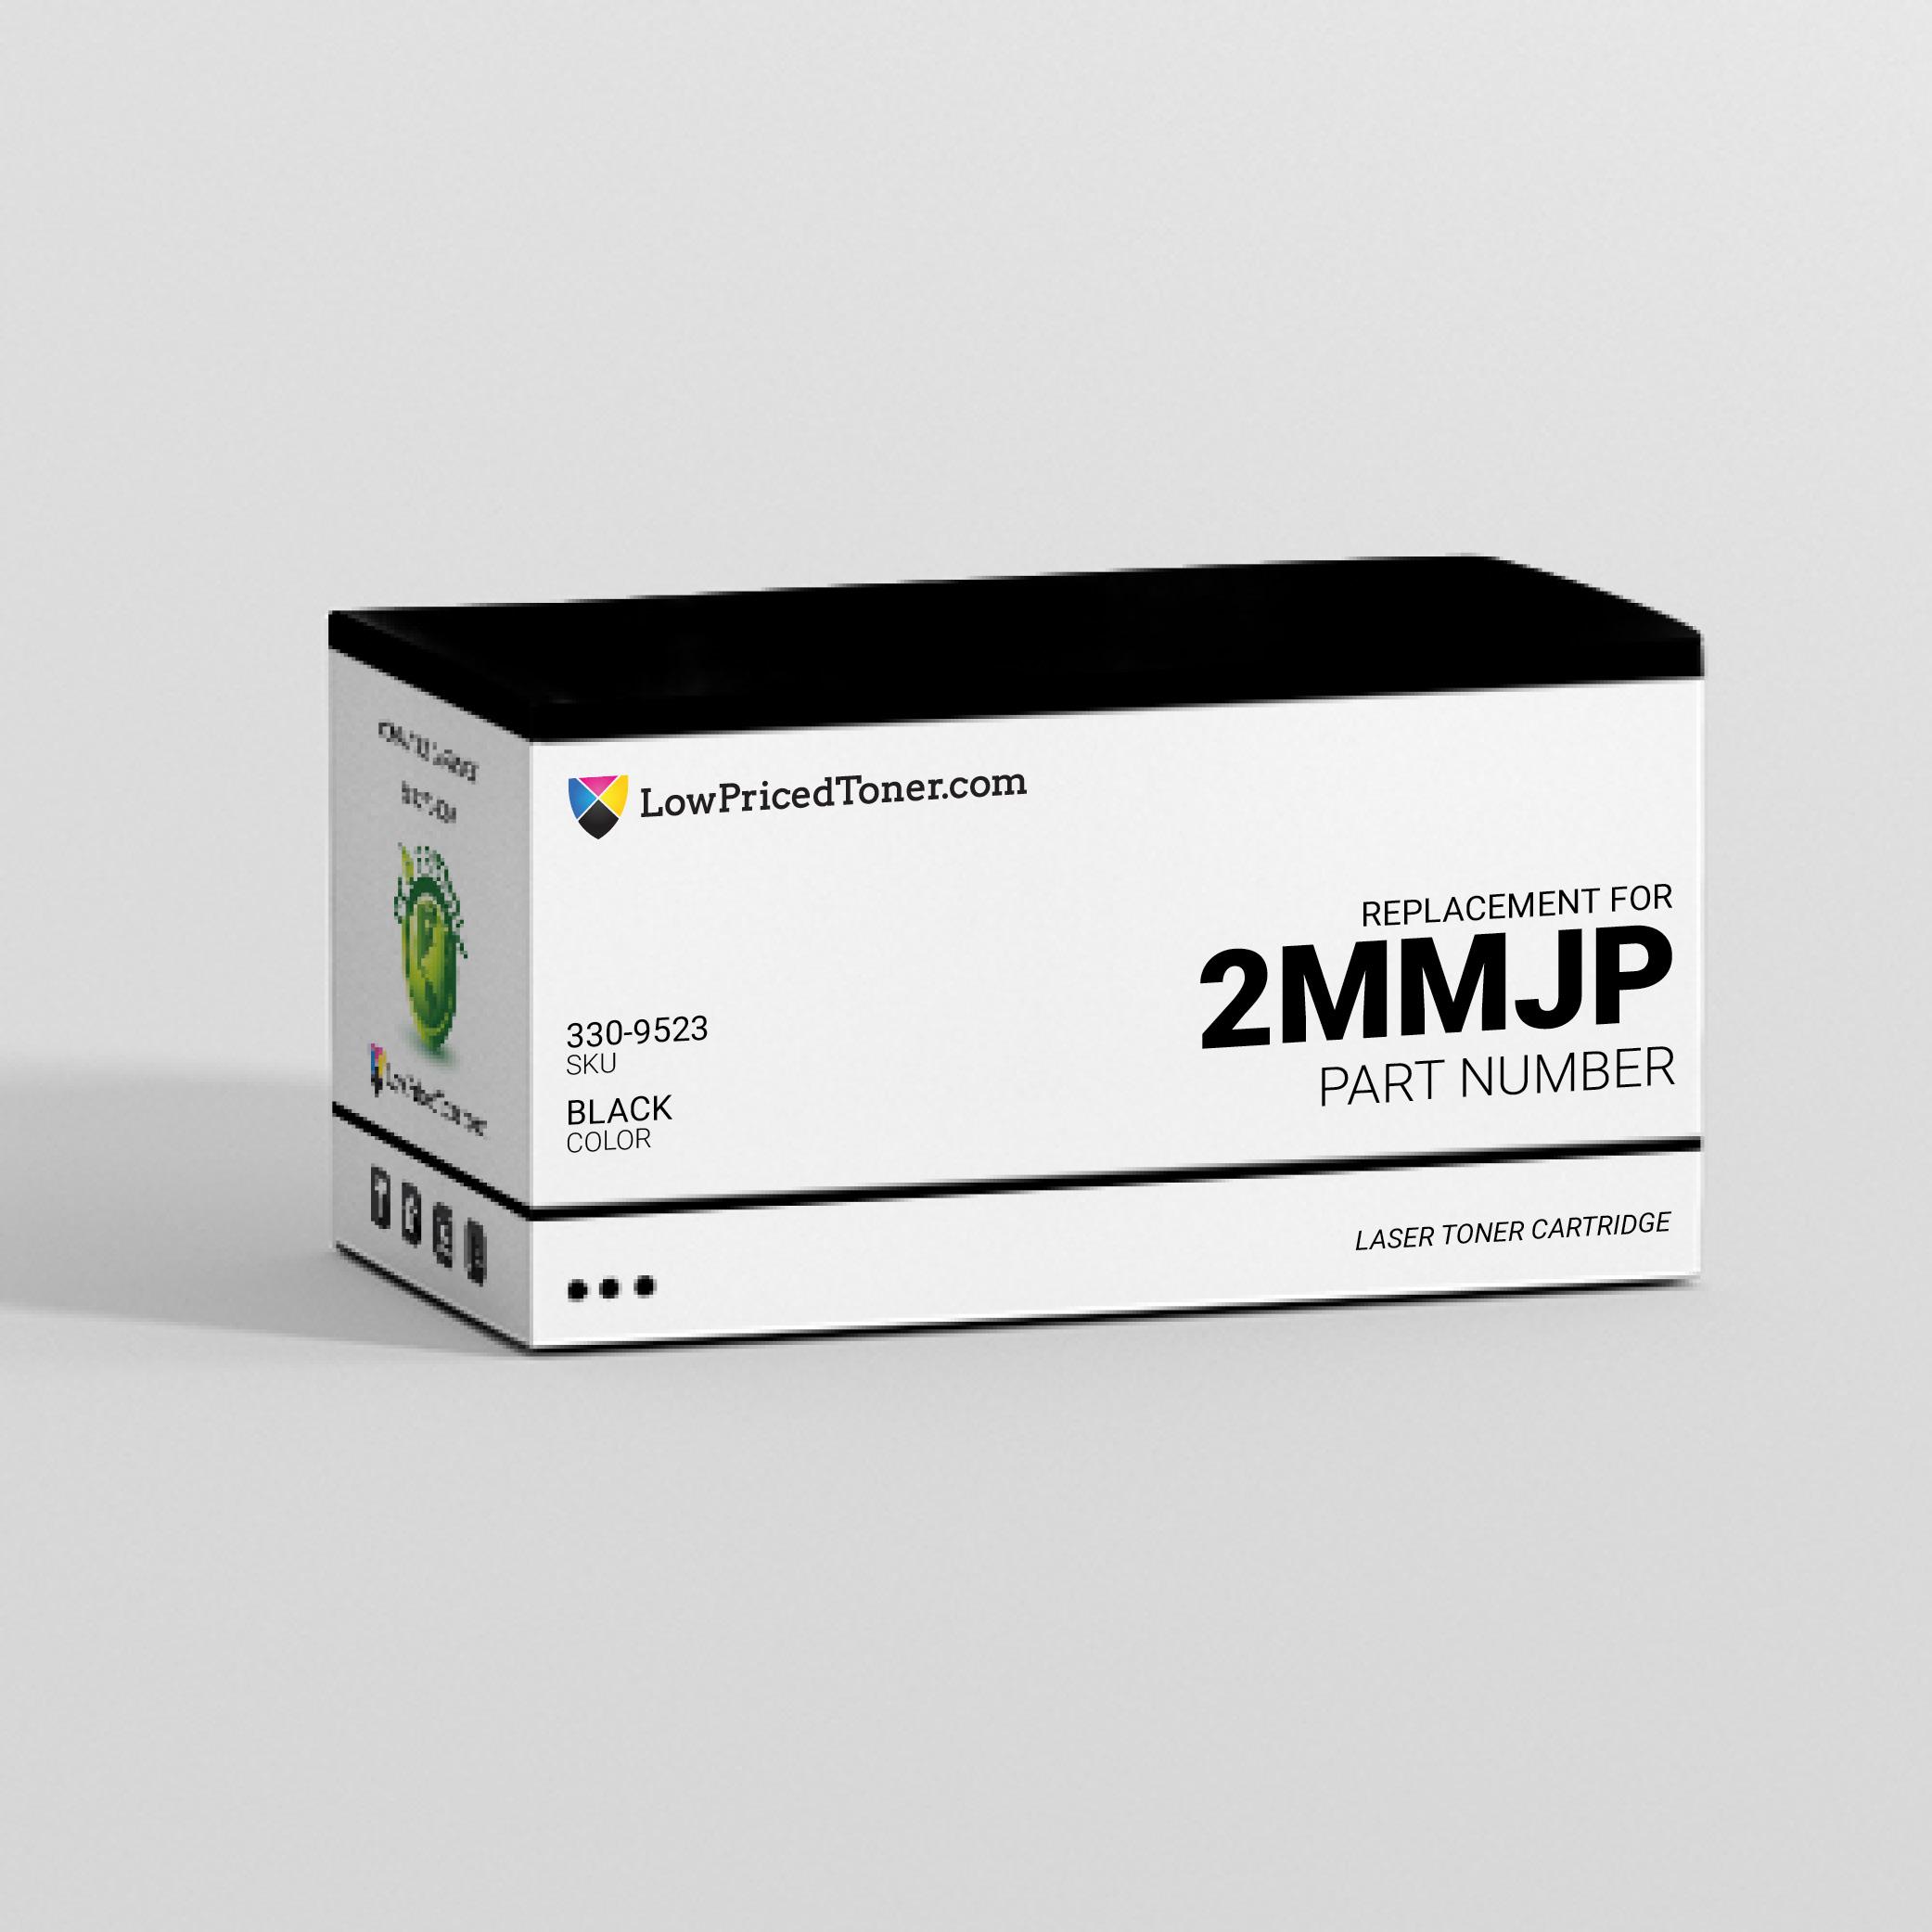 Dell 330-9523 2MMJP Compatible Black Laser Toner Cartridge